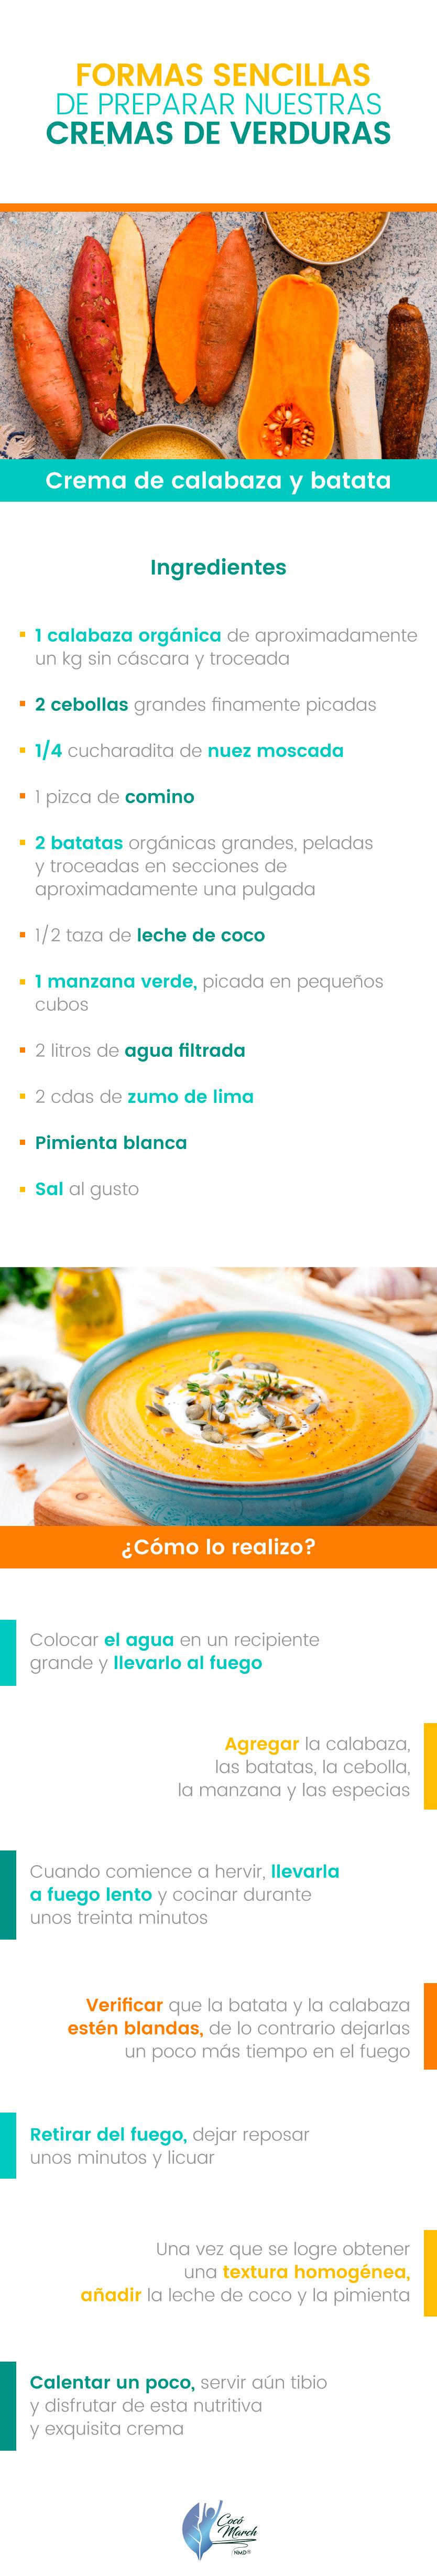 recetas-cremas-de-verduras